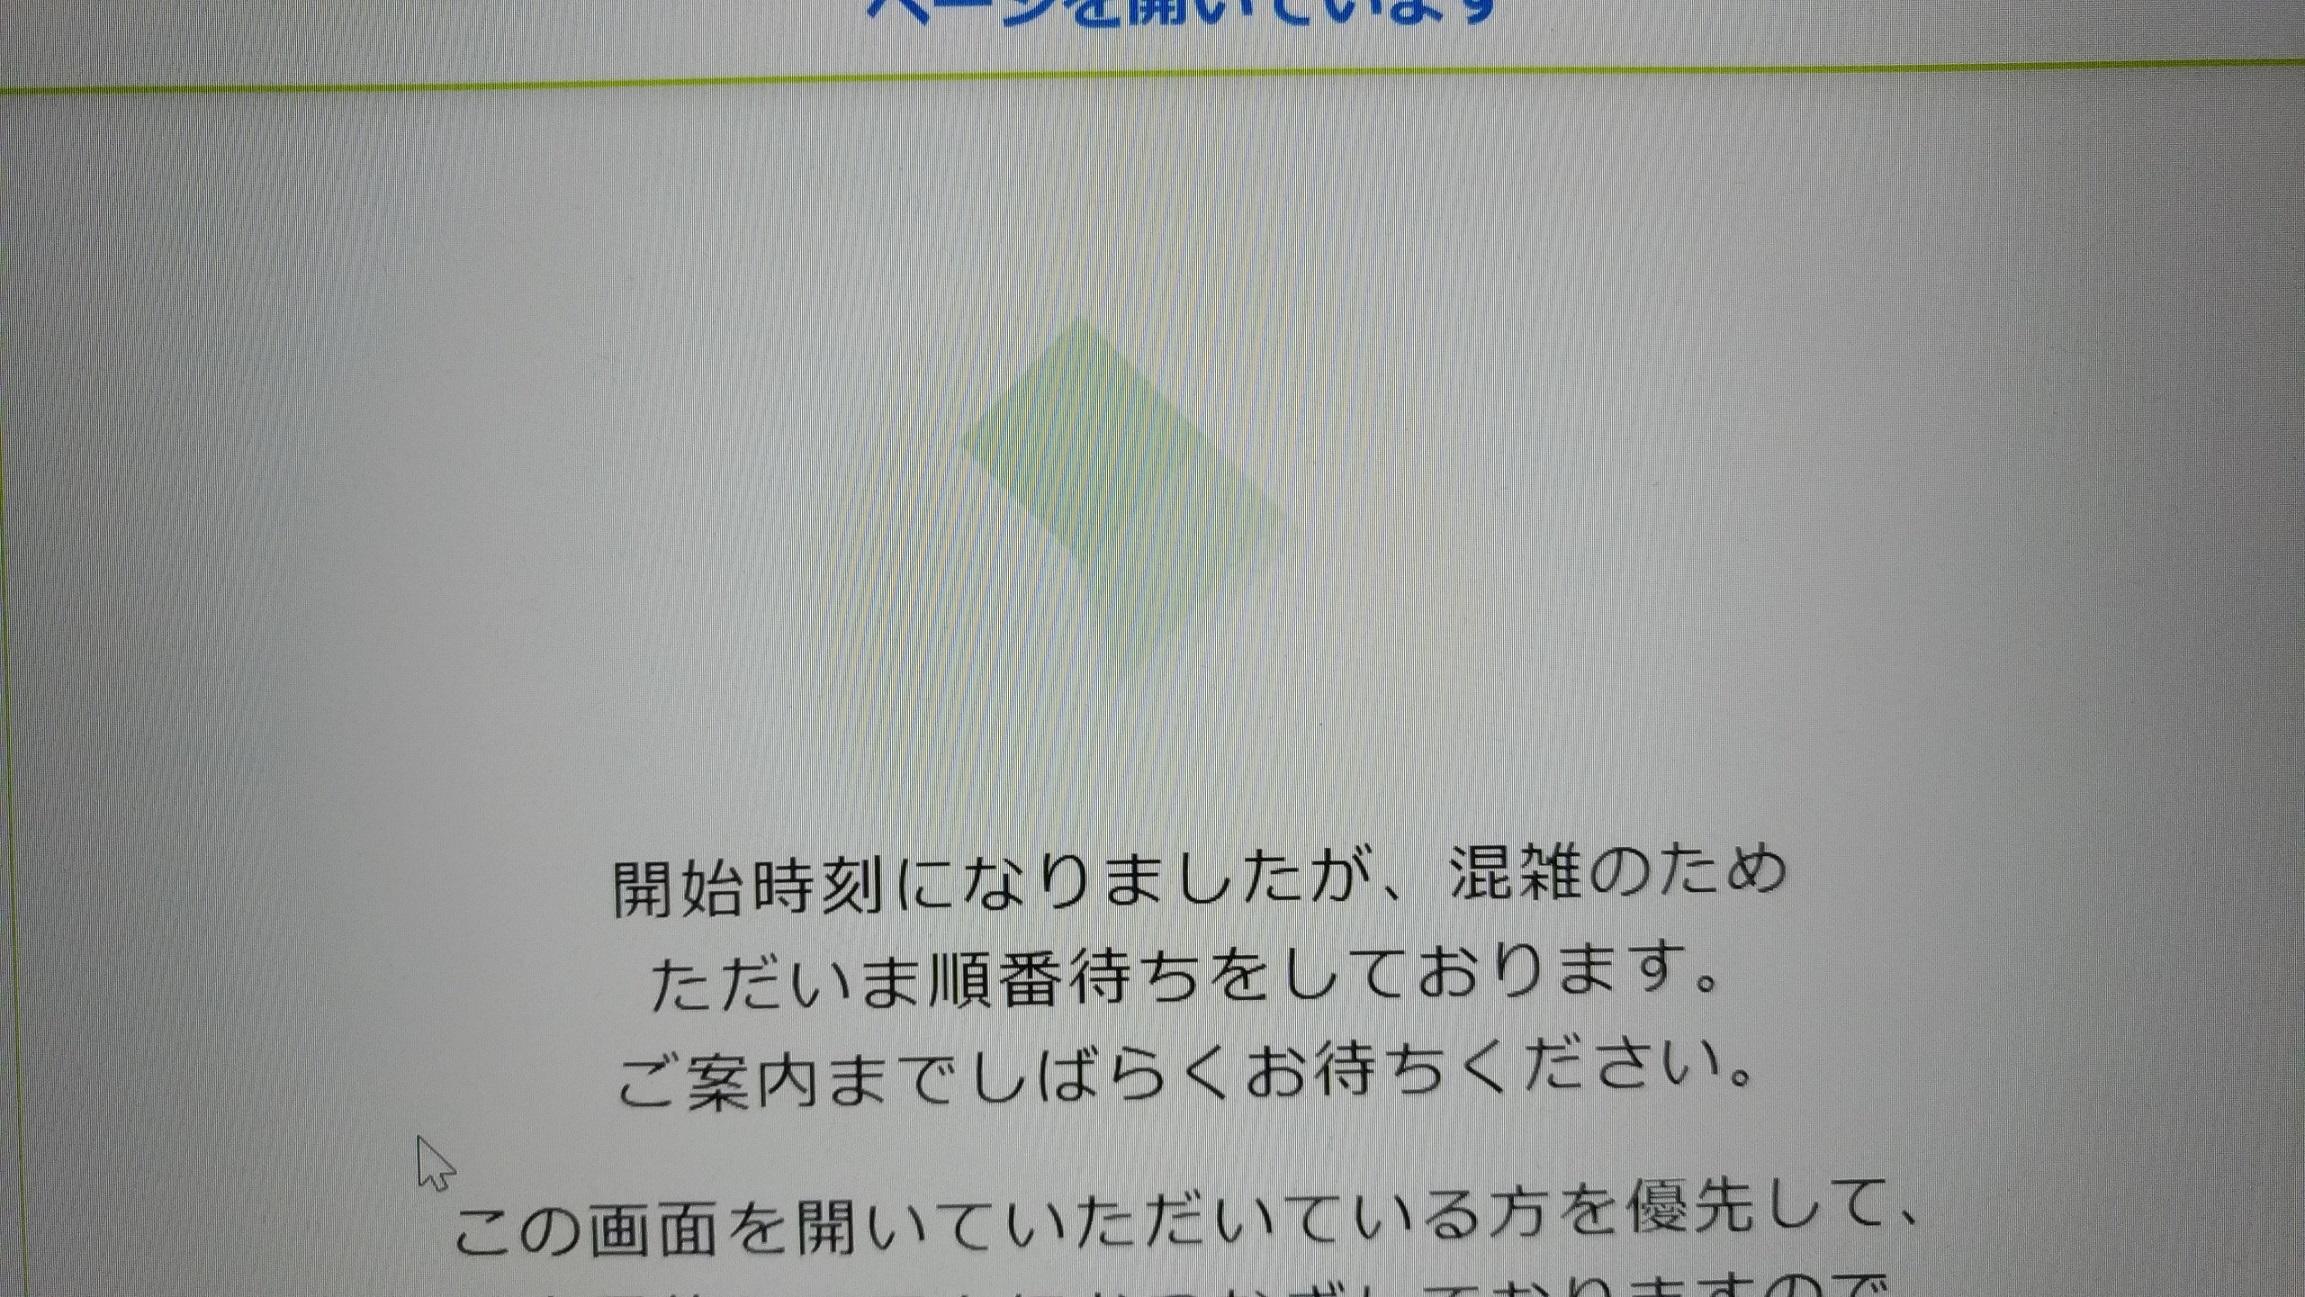 0wakuchin_osaka_reserve_12.jpg